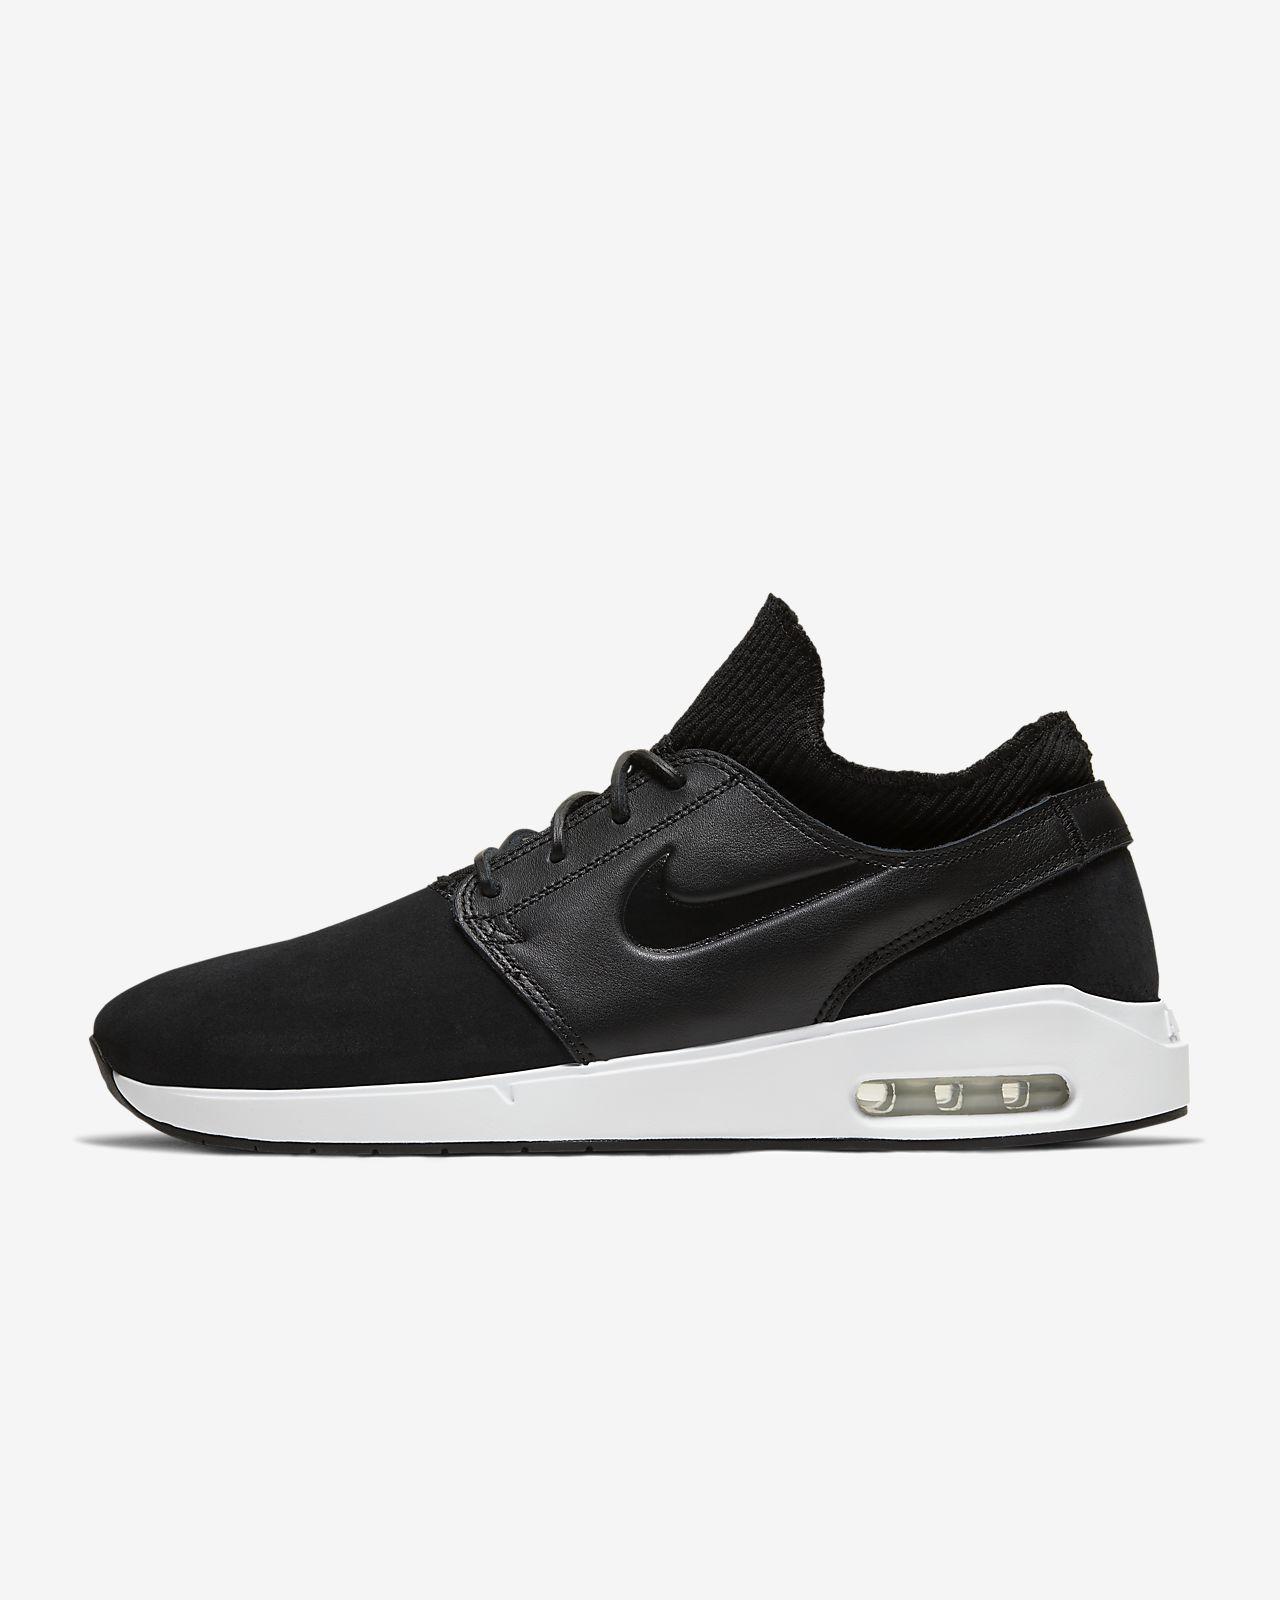 Nike SB Air Max Stefan Janoski 2 Premium Skate Shoe